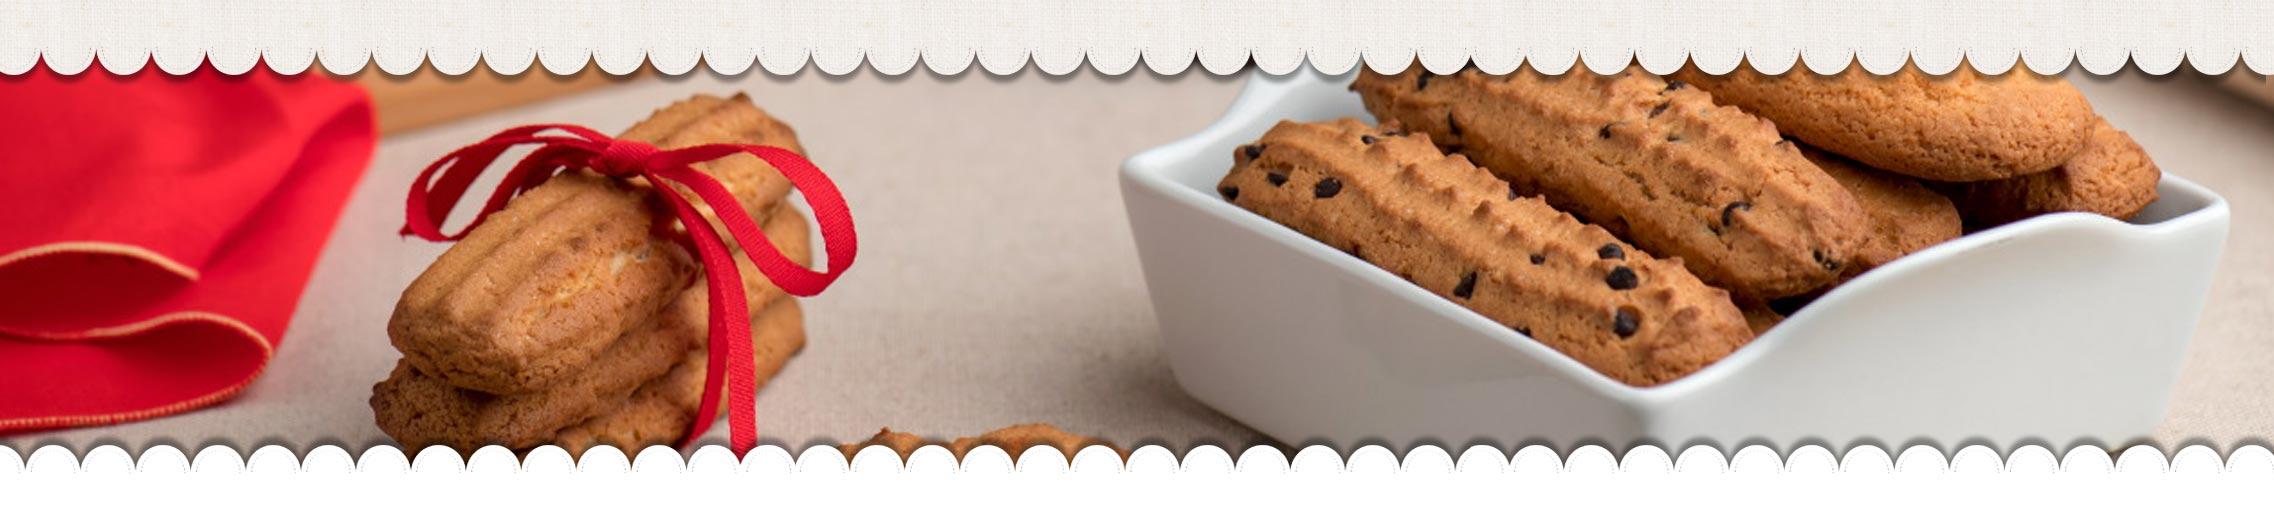 biscotti forti linea tradizionali